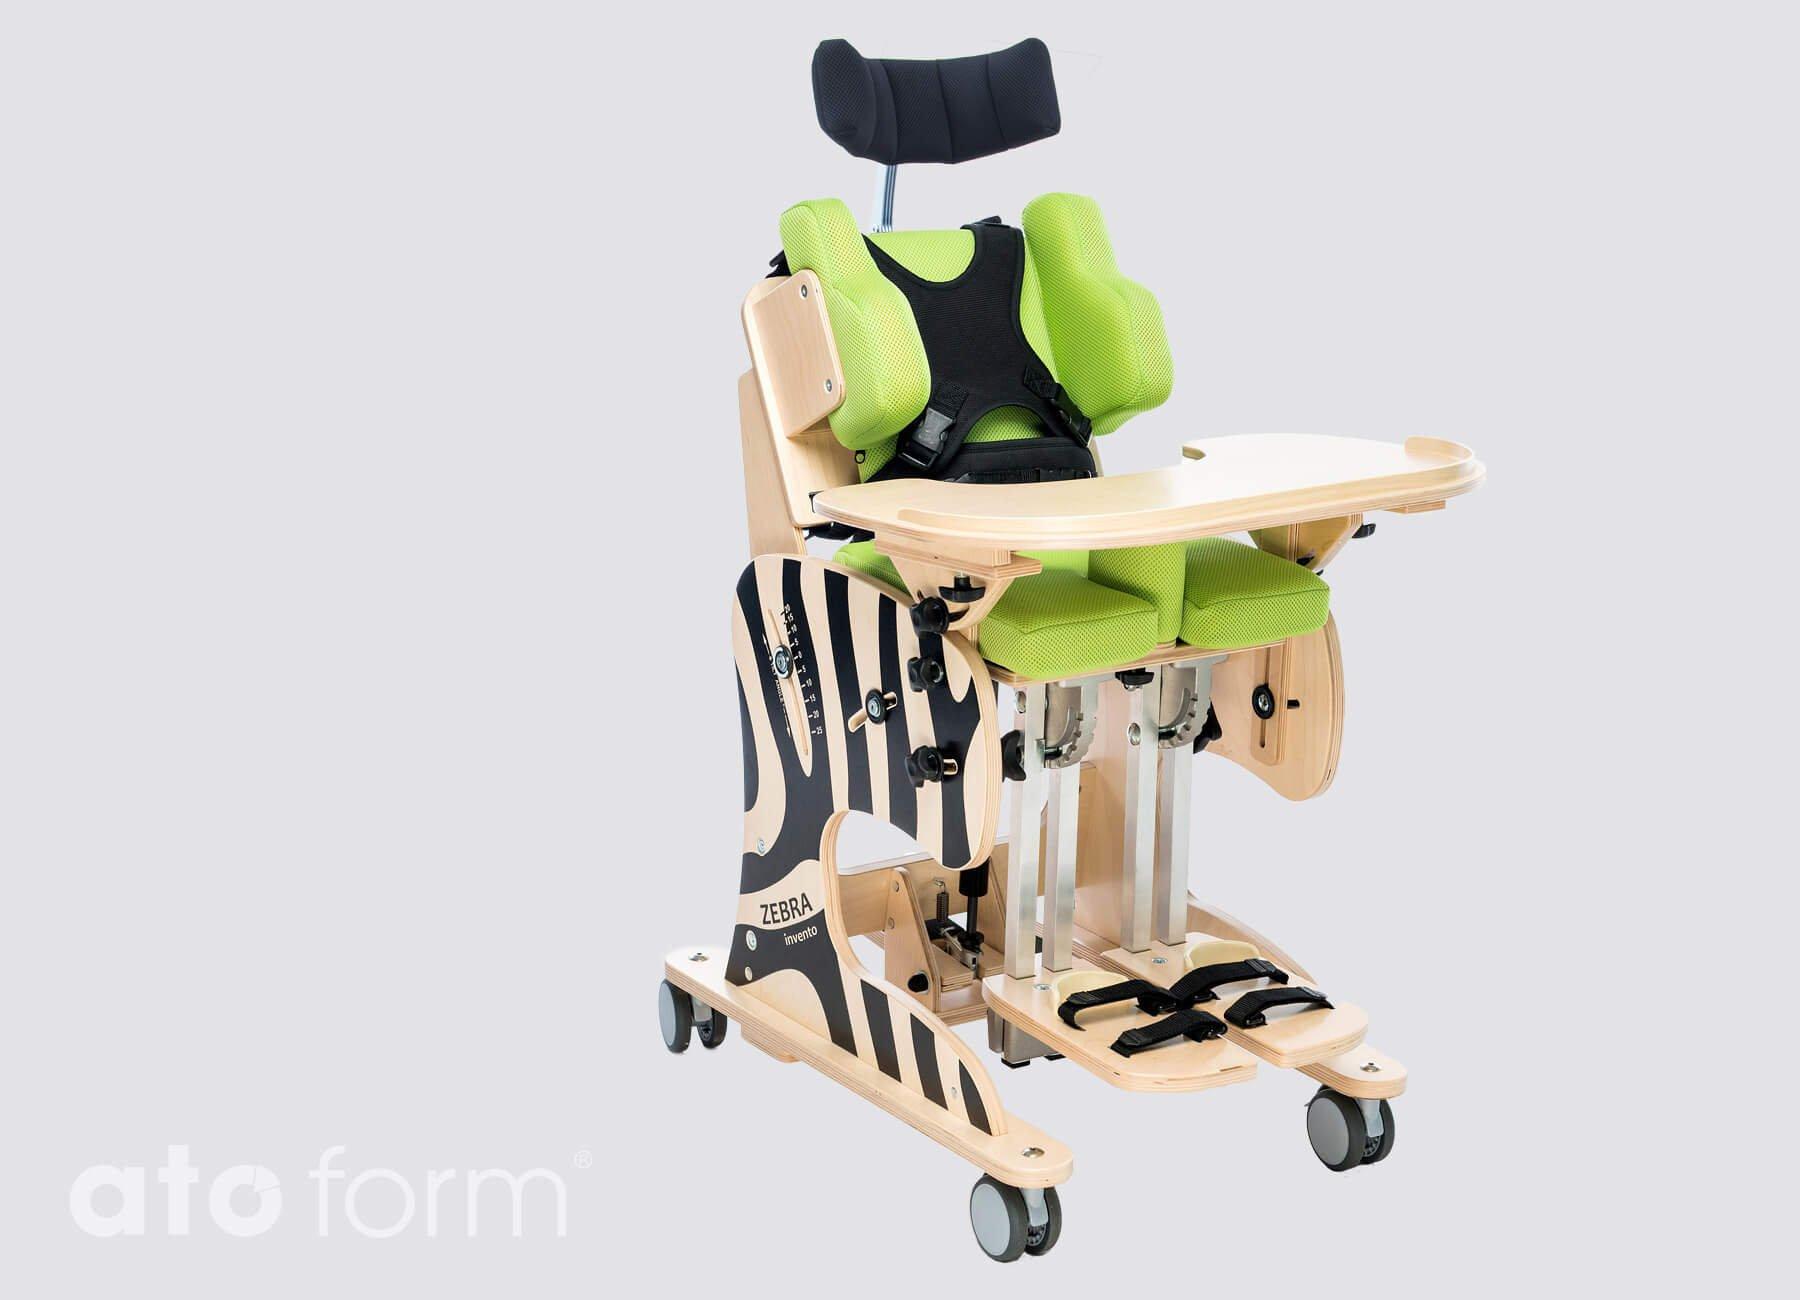 Therapiestuhl mit Liegefunktion Zebra Invento